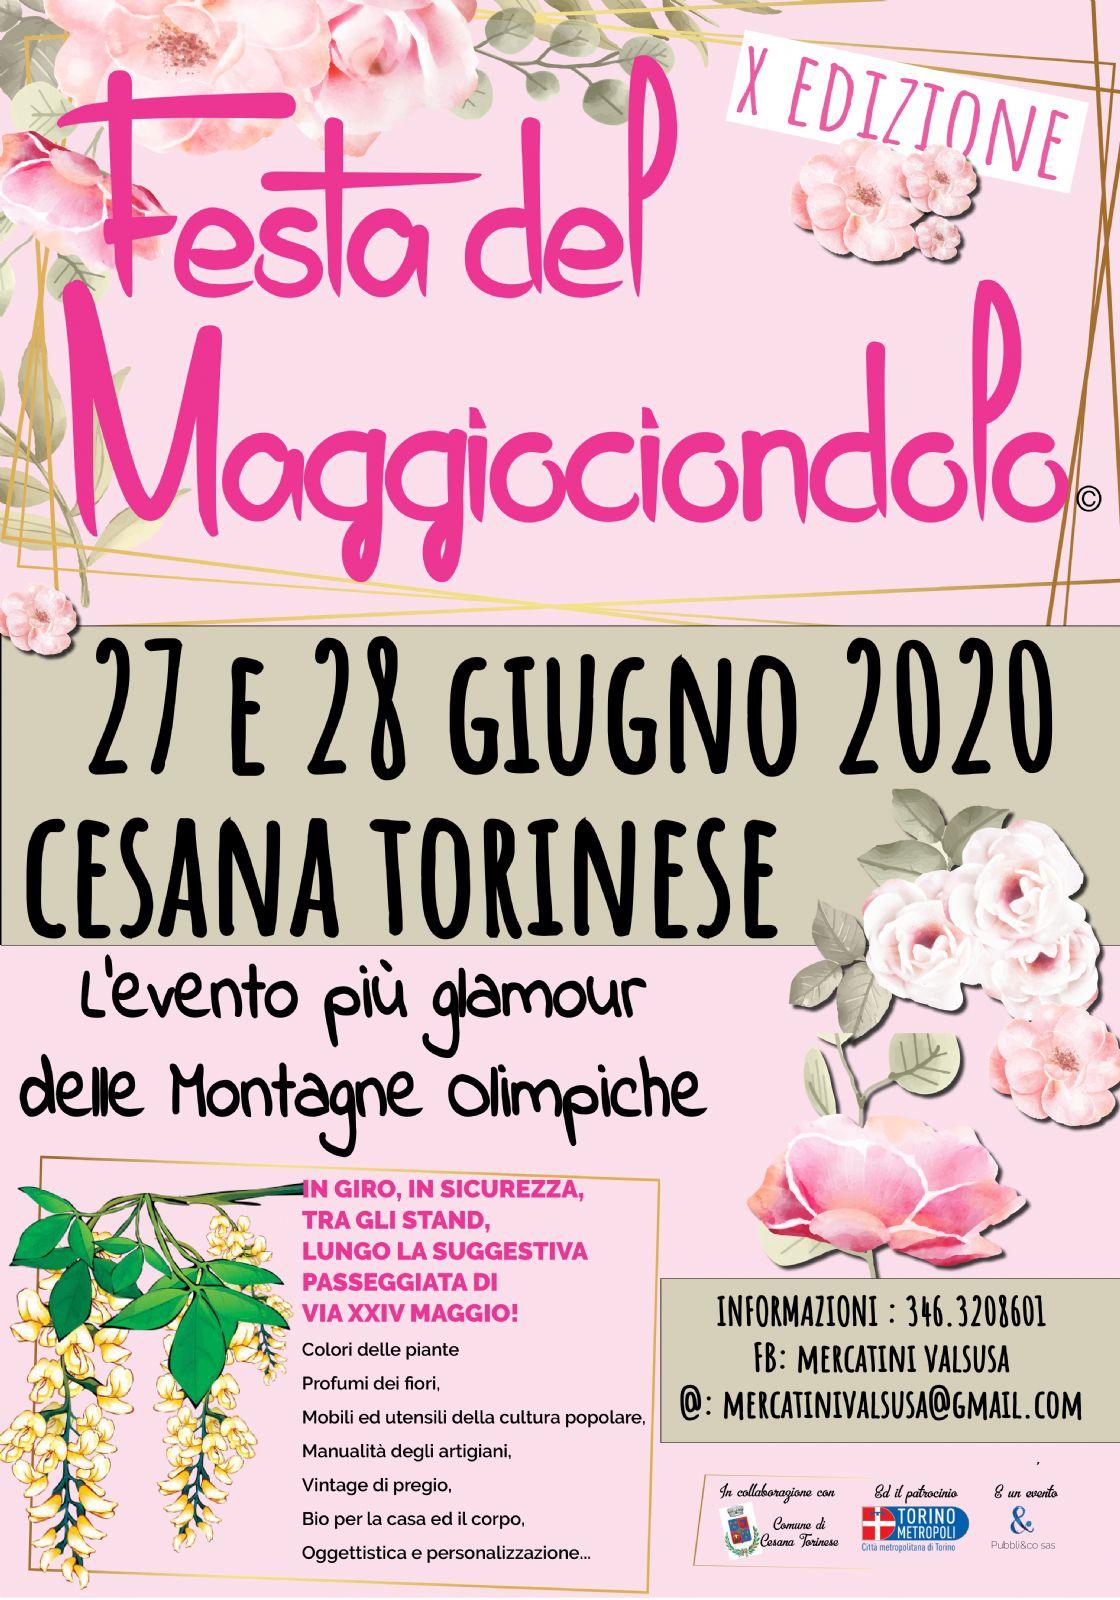 FESTA DEL MAGGIOCIONDOLO - 8° edizione